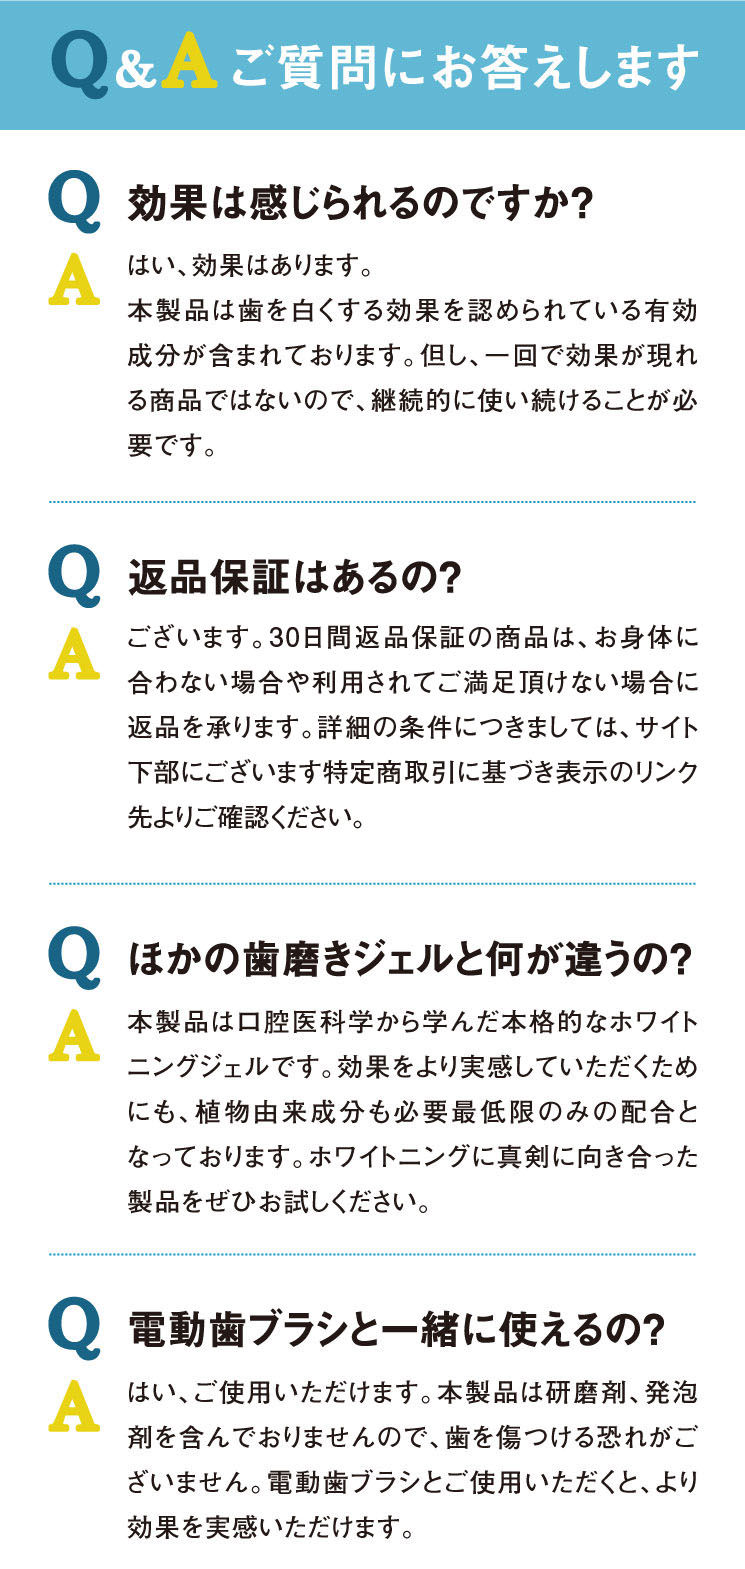 Q&Aご質問にお答えします。